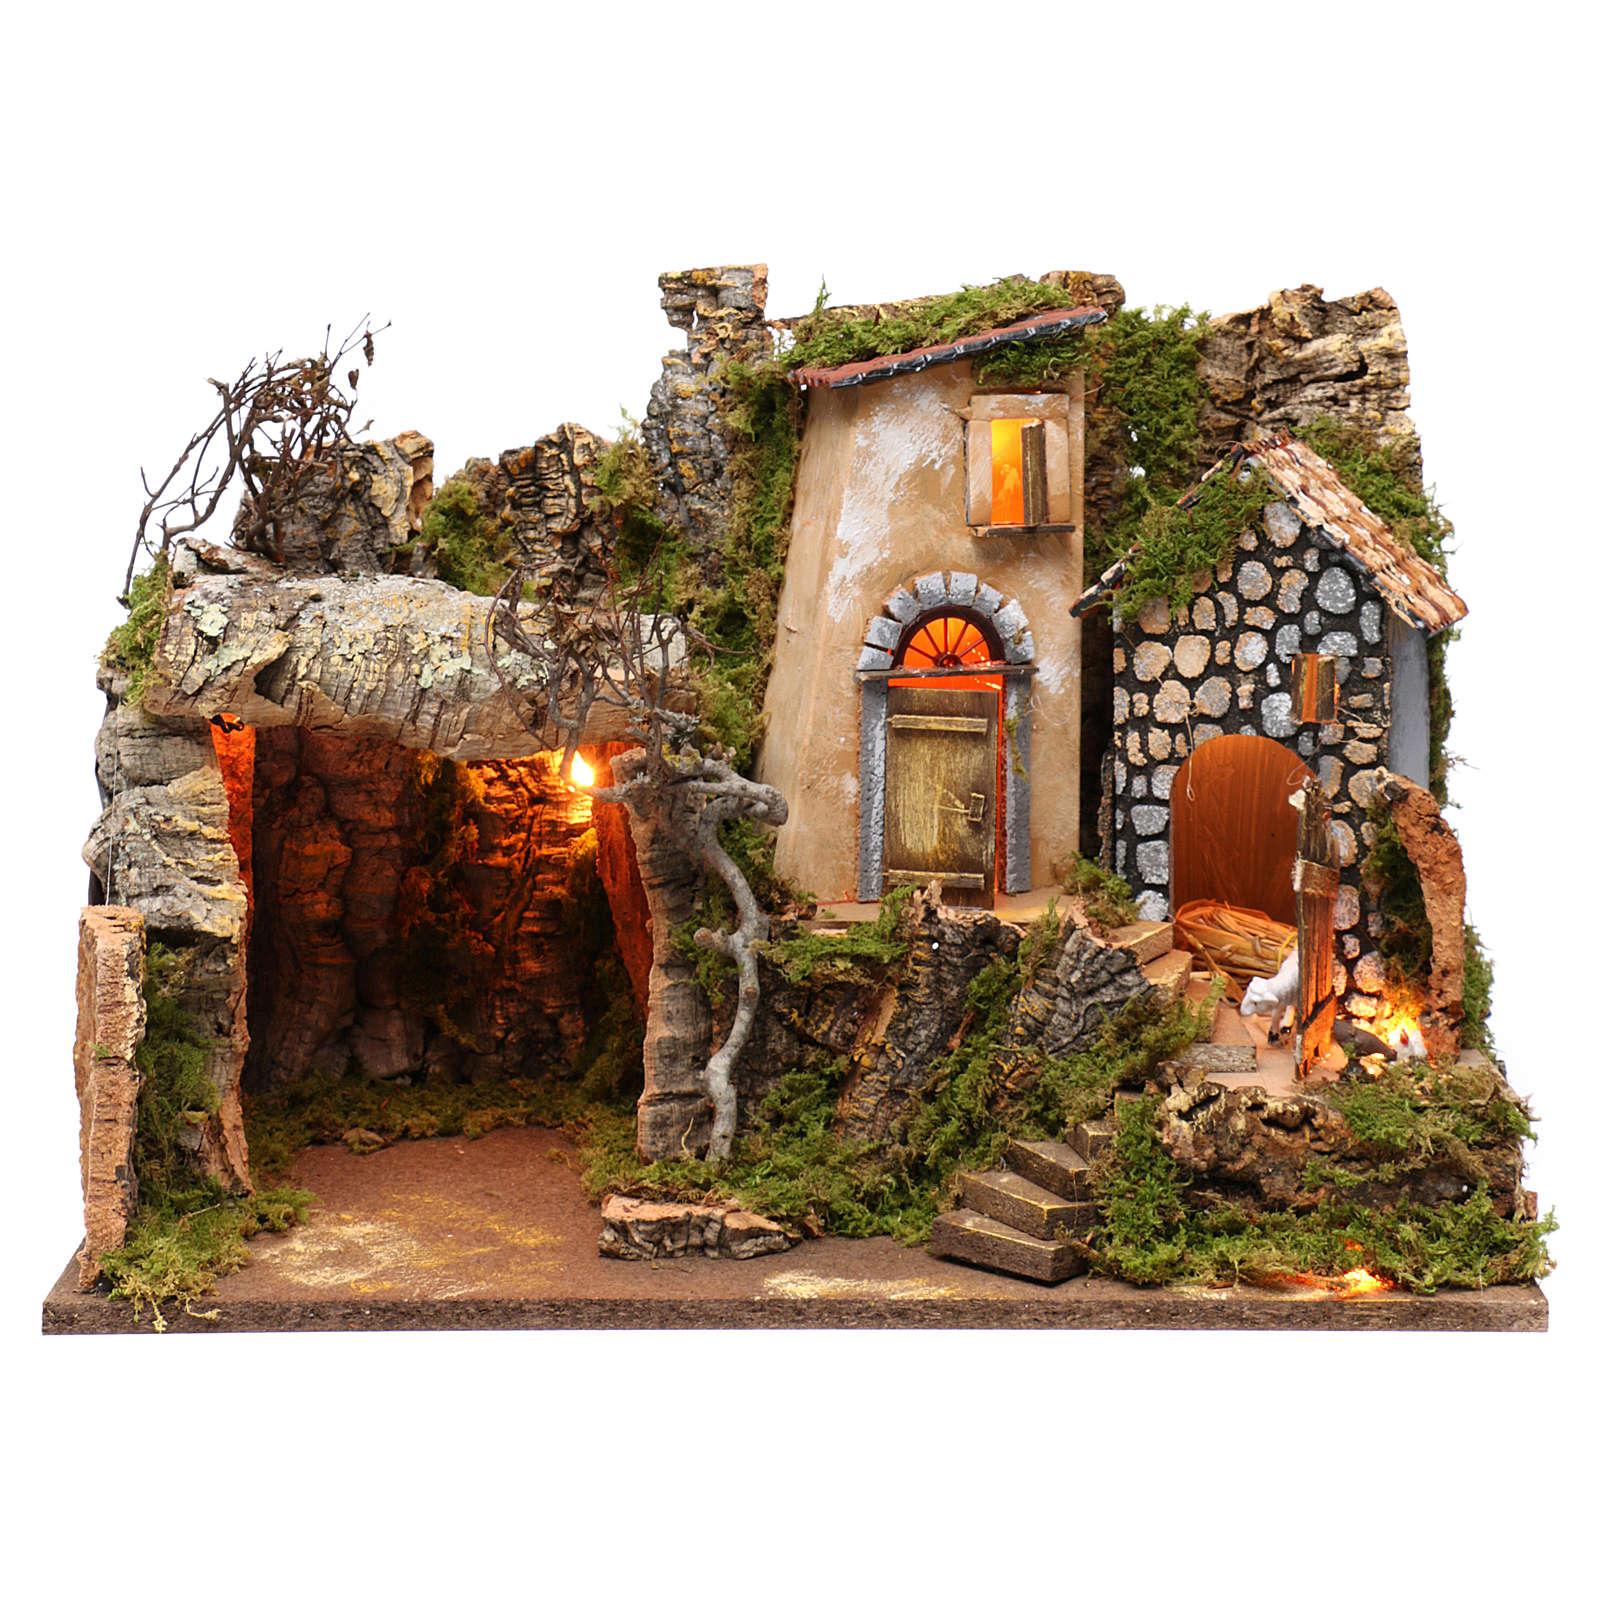 Ambientación con cueva y luces, tamaño 40x50x30 cm 4